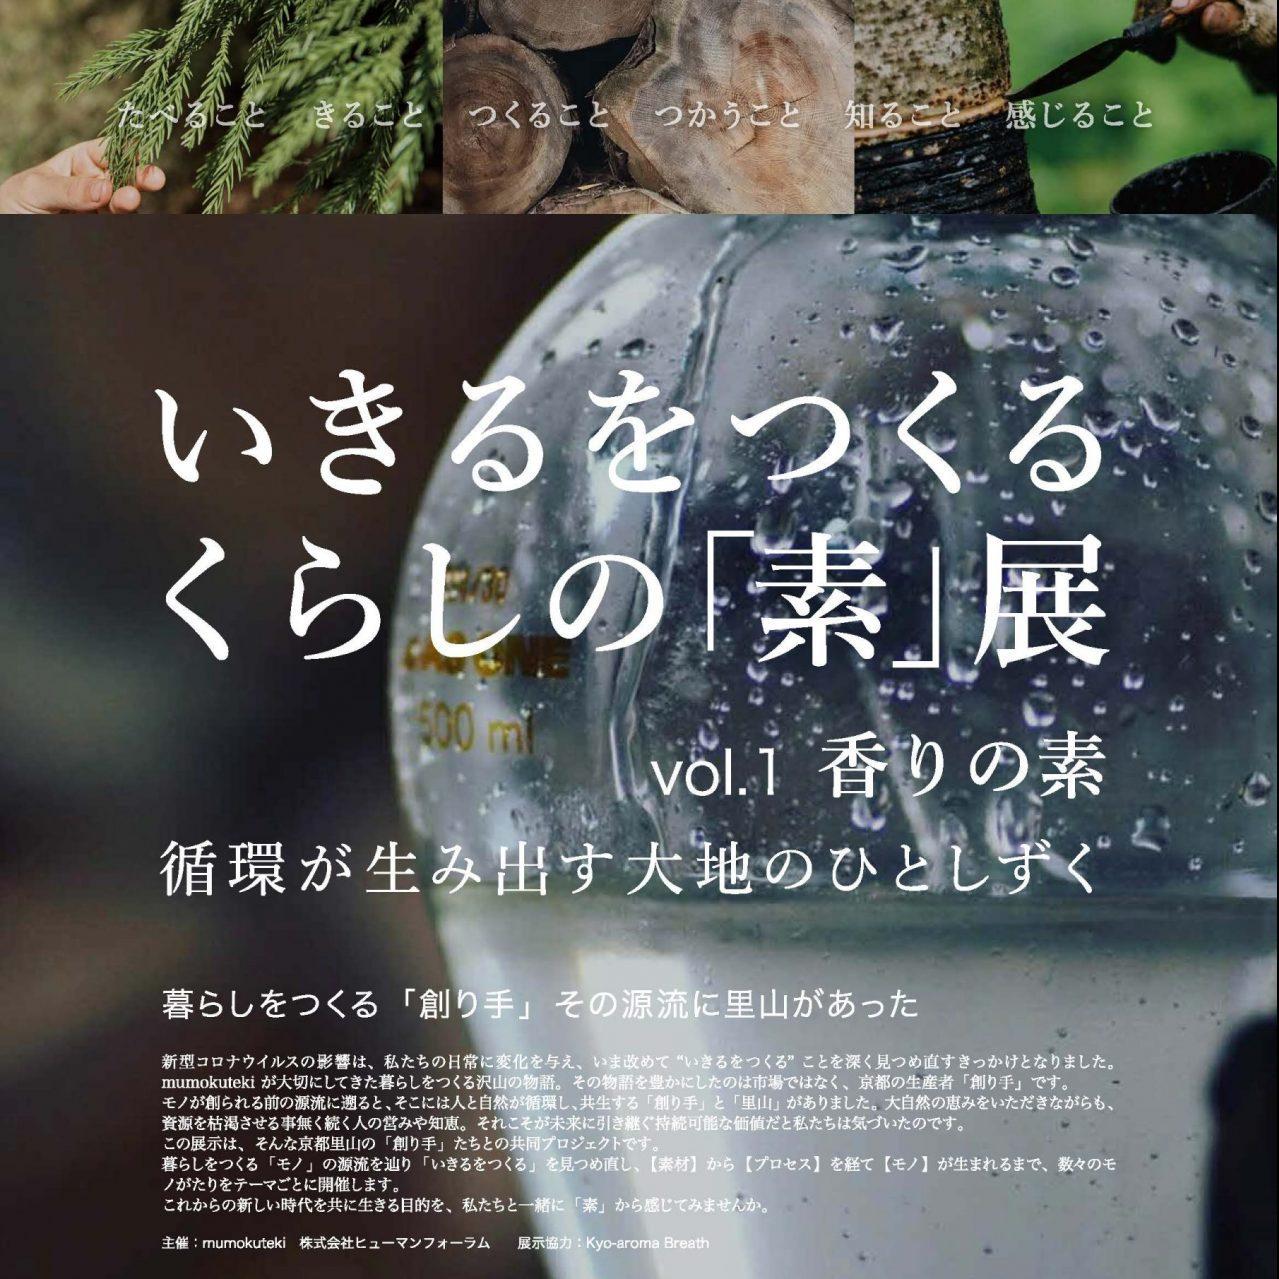 『いきるをつくるくらしの「素」展』  vol.1 香りの素 ~循環が生み出す大地のひとしずく~